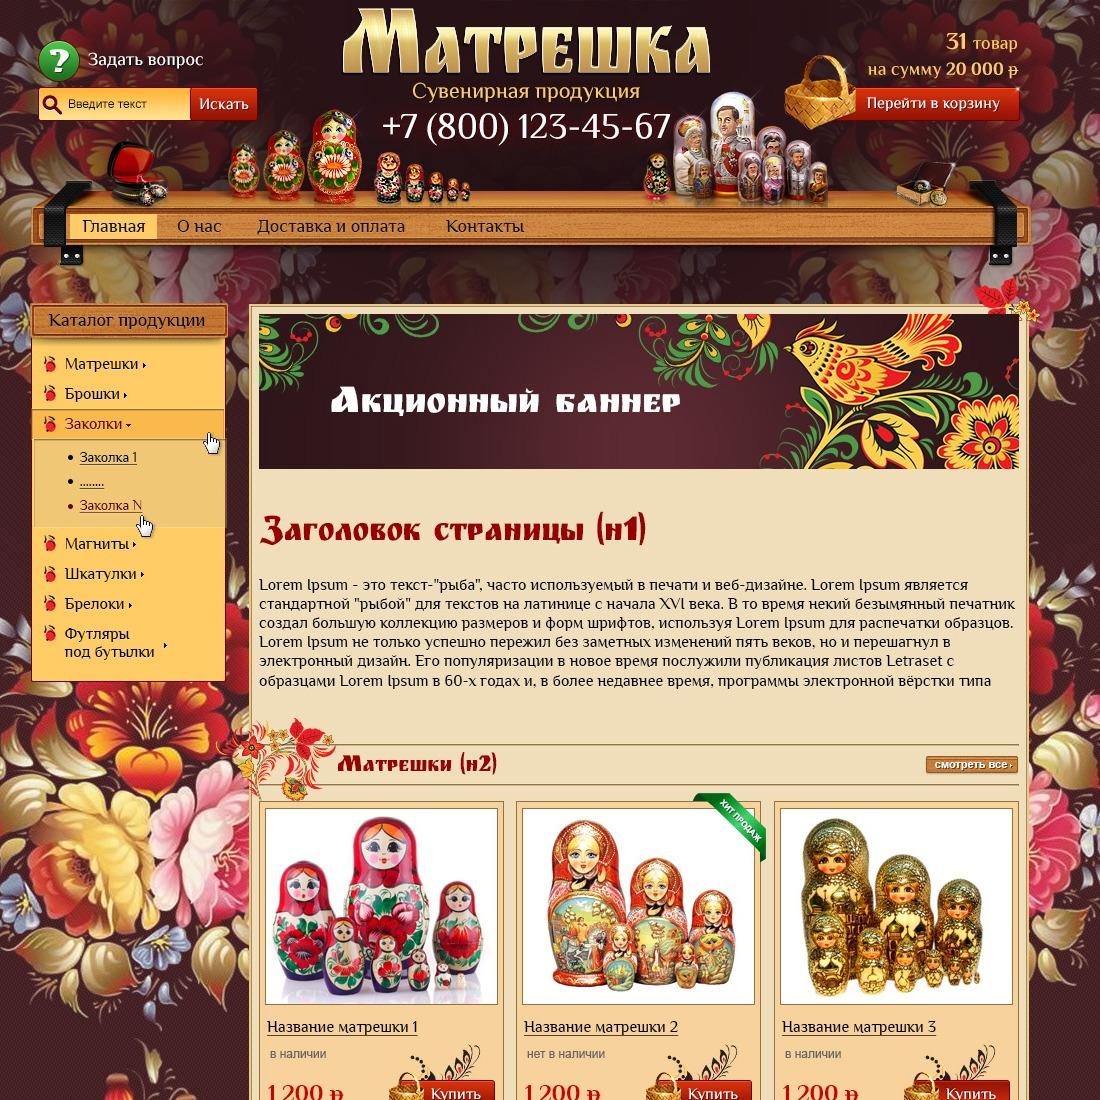 Интернет-магазин сувенирной продукции